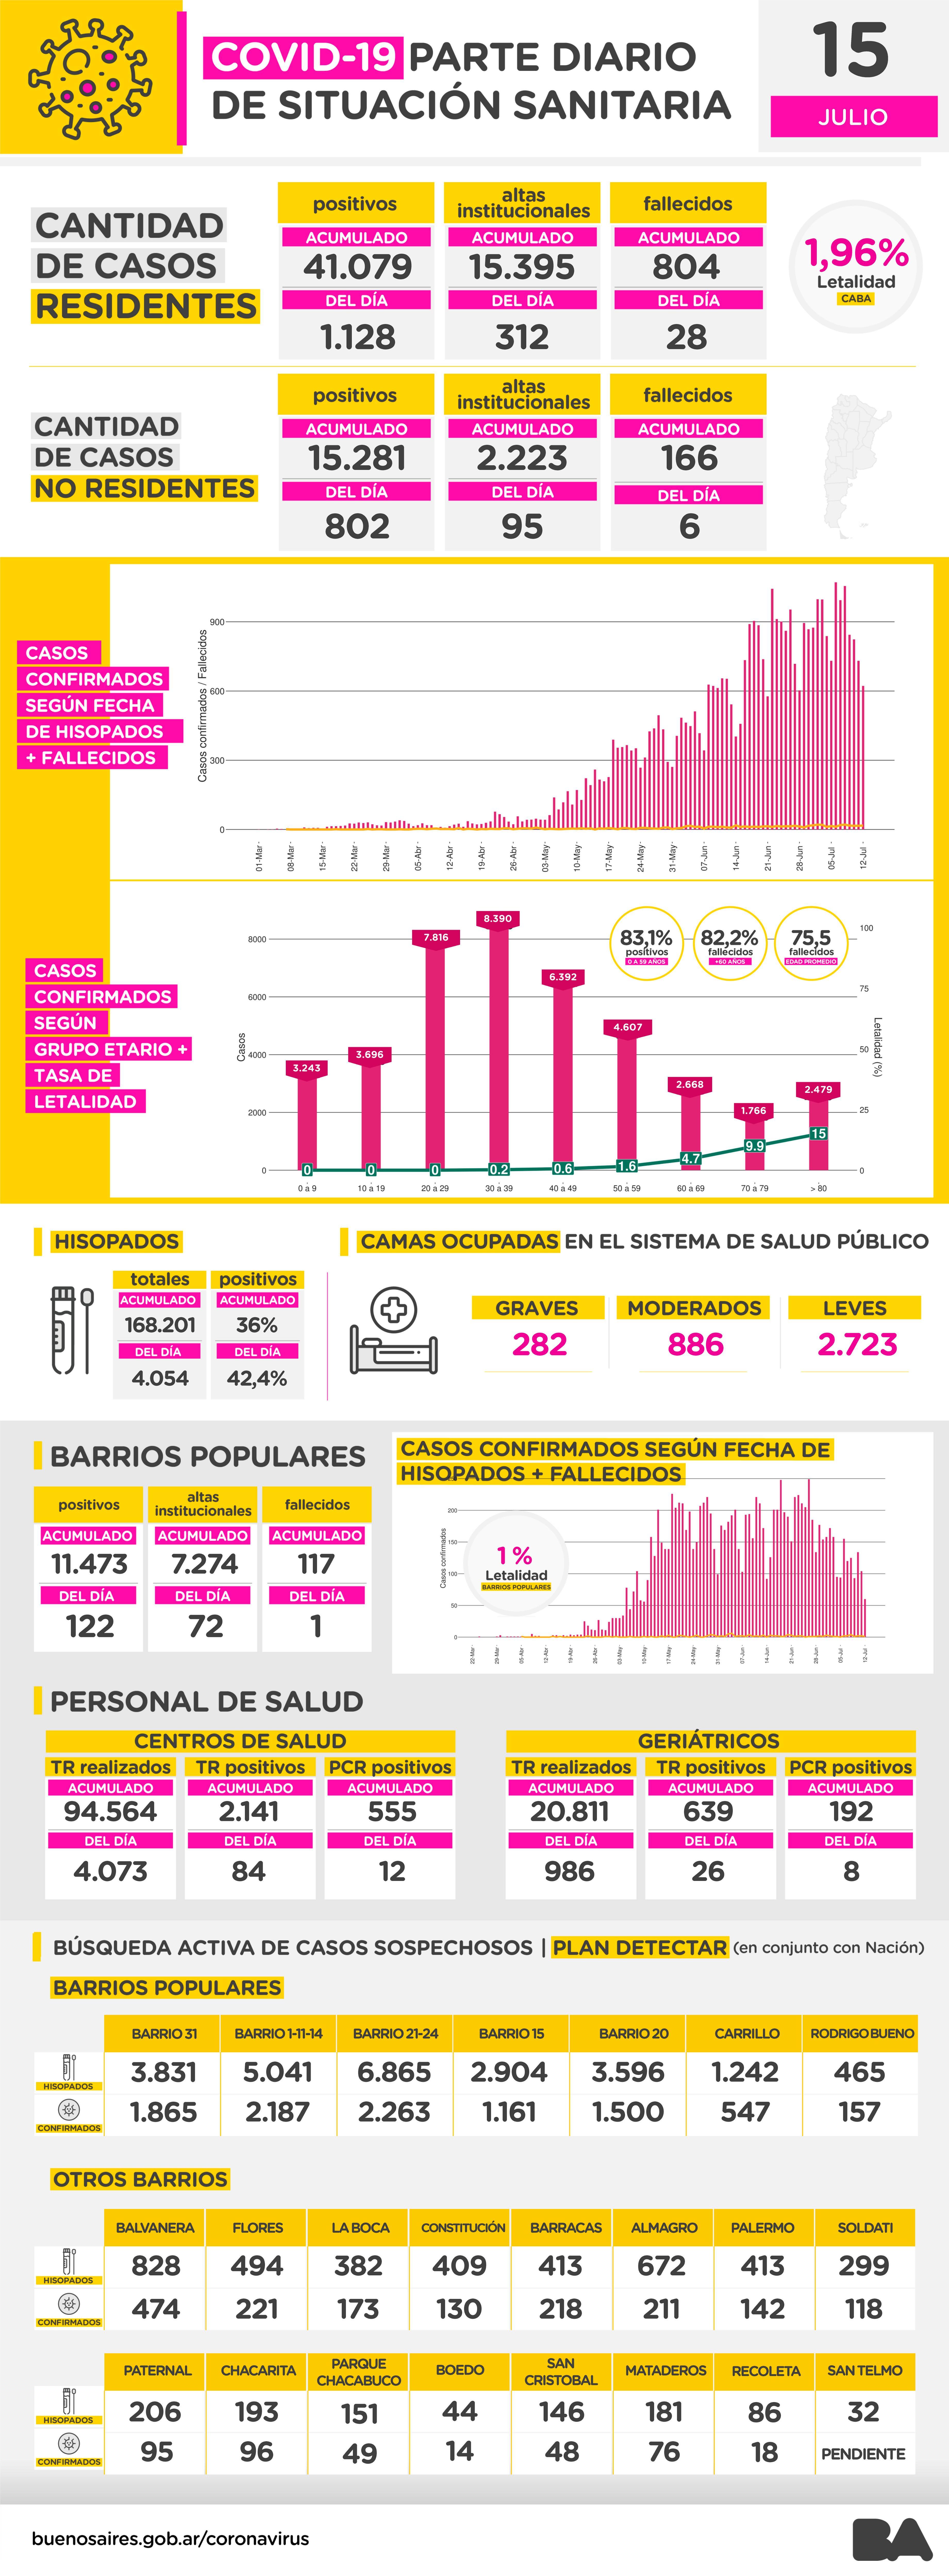 Estadísticas oficiales del COVID-19 en la Ciudad de Buenos Aires